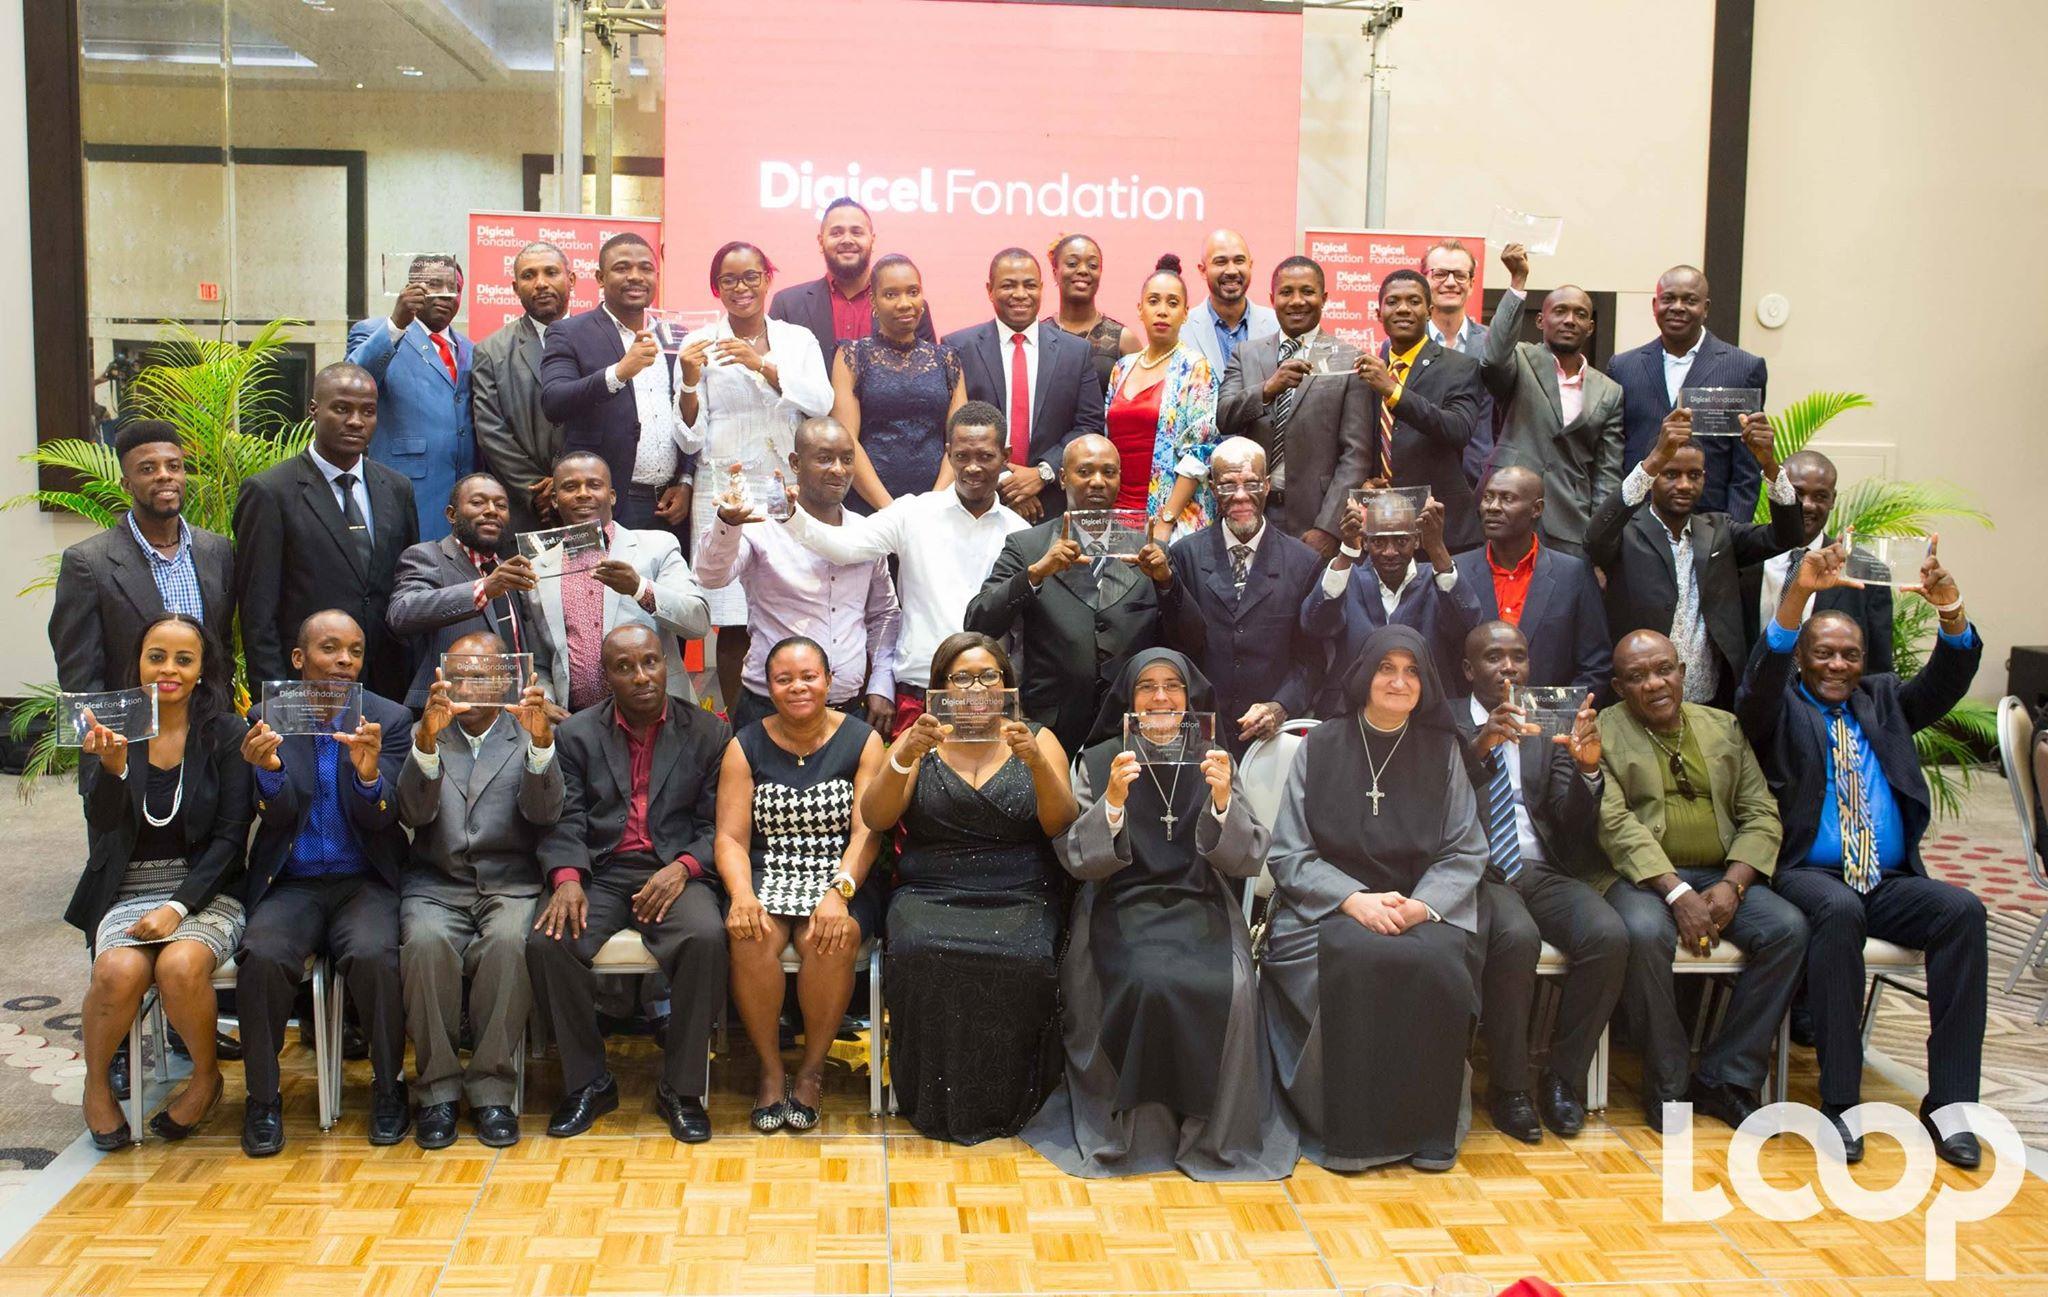 Les gagnants de la seconde édition du Konbit Pou Chanjman posent, jeudi 4 avril à l'hôtel Marriott, avec les membres de la Fondation Digicel et du Conseil d'Administration de la compagnie./Photo: Loop-Luckenson Jean.